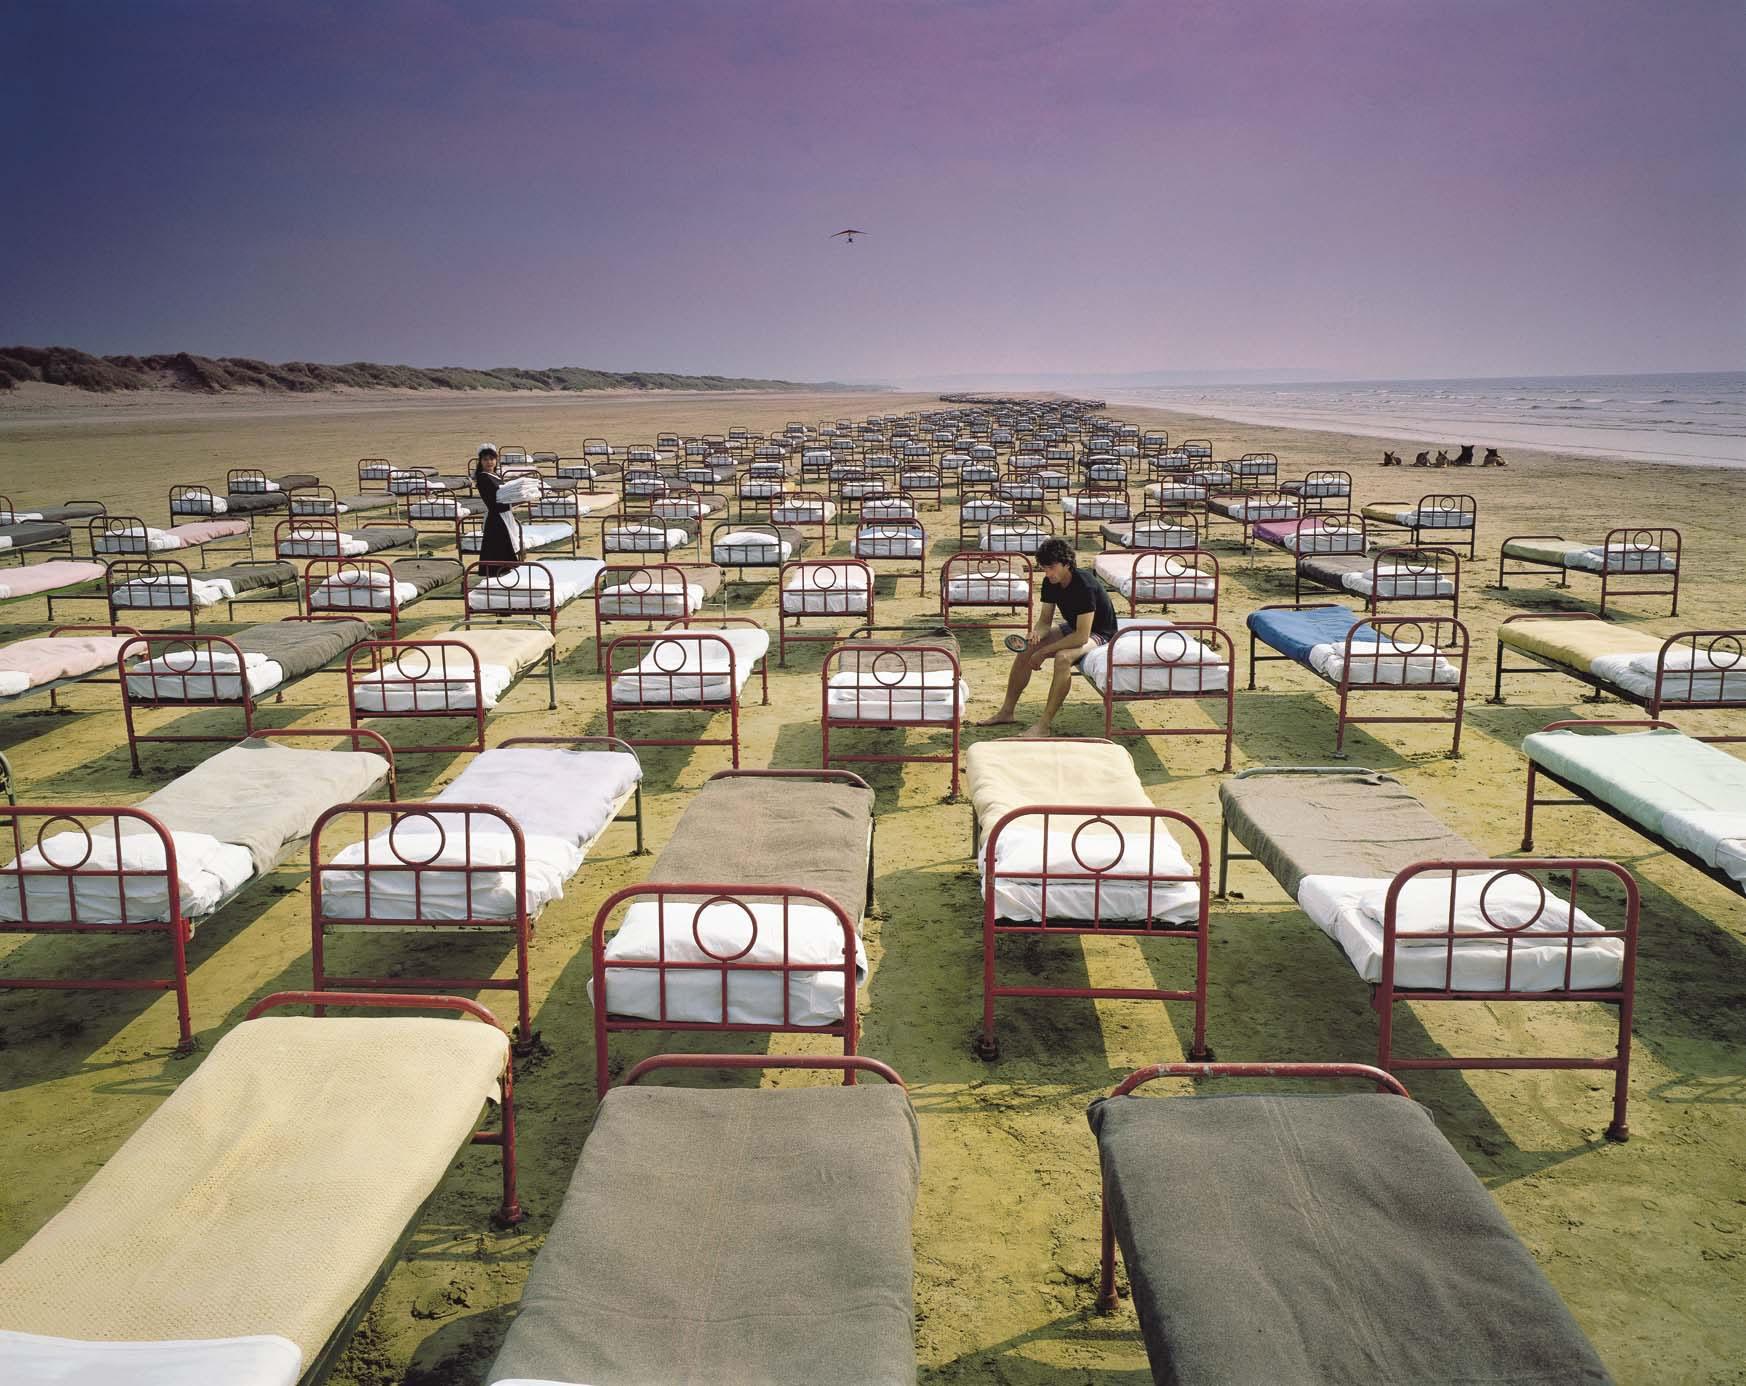 Storm thorgerson l 39 homme qui photographiait la musique - Pink floyd images high resolution ...